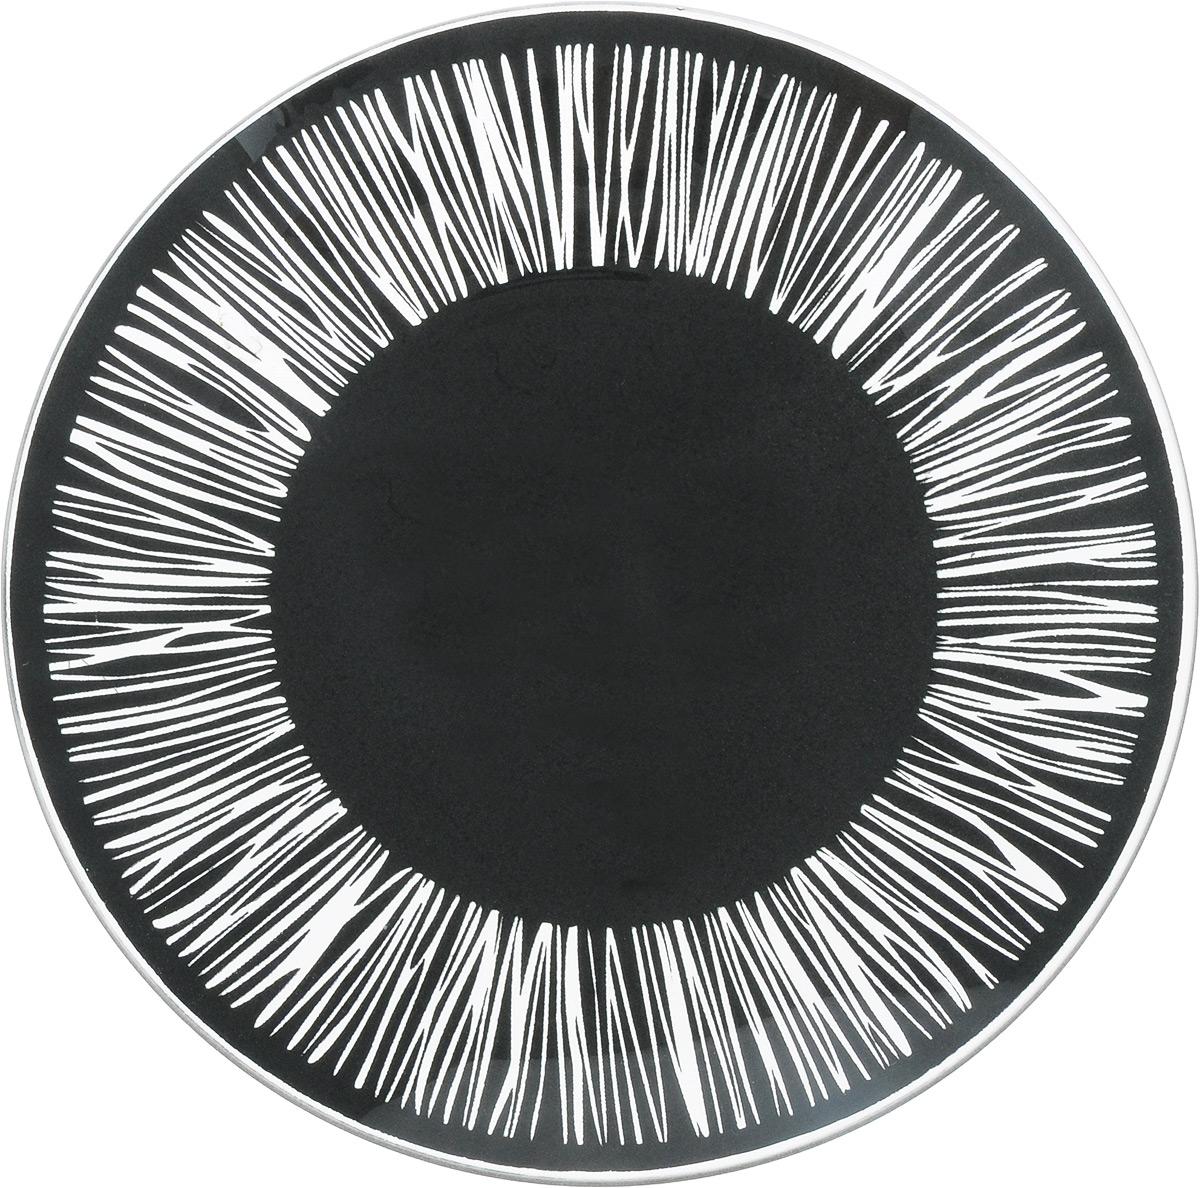 Тарелка NiNaGlass Витас, цвет: черный, диаметр 20 см85-200-016/чернТарелка NiNaGlass Витас изготовлена из высококачественного стекла. Изделие декорировано оригинальным дизайном. Такая тарелка отлично подойдет в качестве блюда, она идеальна для сервировки закусок, нарезок, горячих блюд. Тарелка прекрасно дополнит сервировку стола и порадует вас оригинальным дизайном. Диаметр тарелки: 20 см. Высота тарелки: 2,5 см.